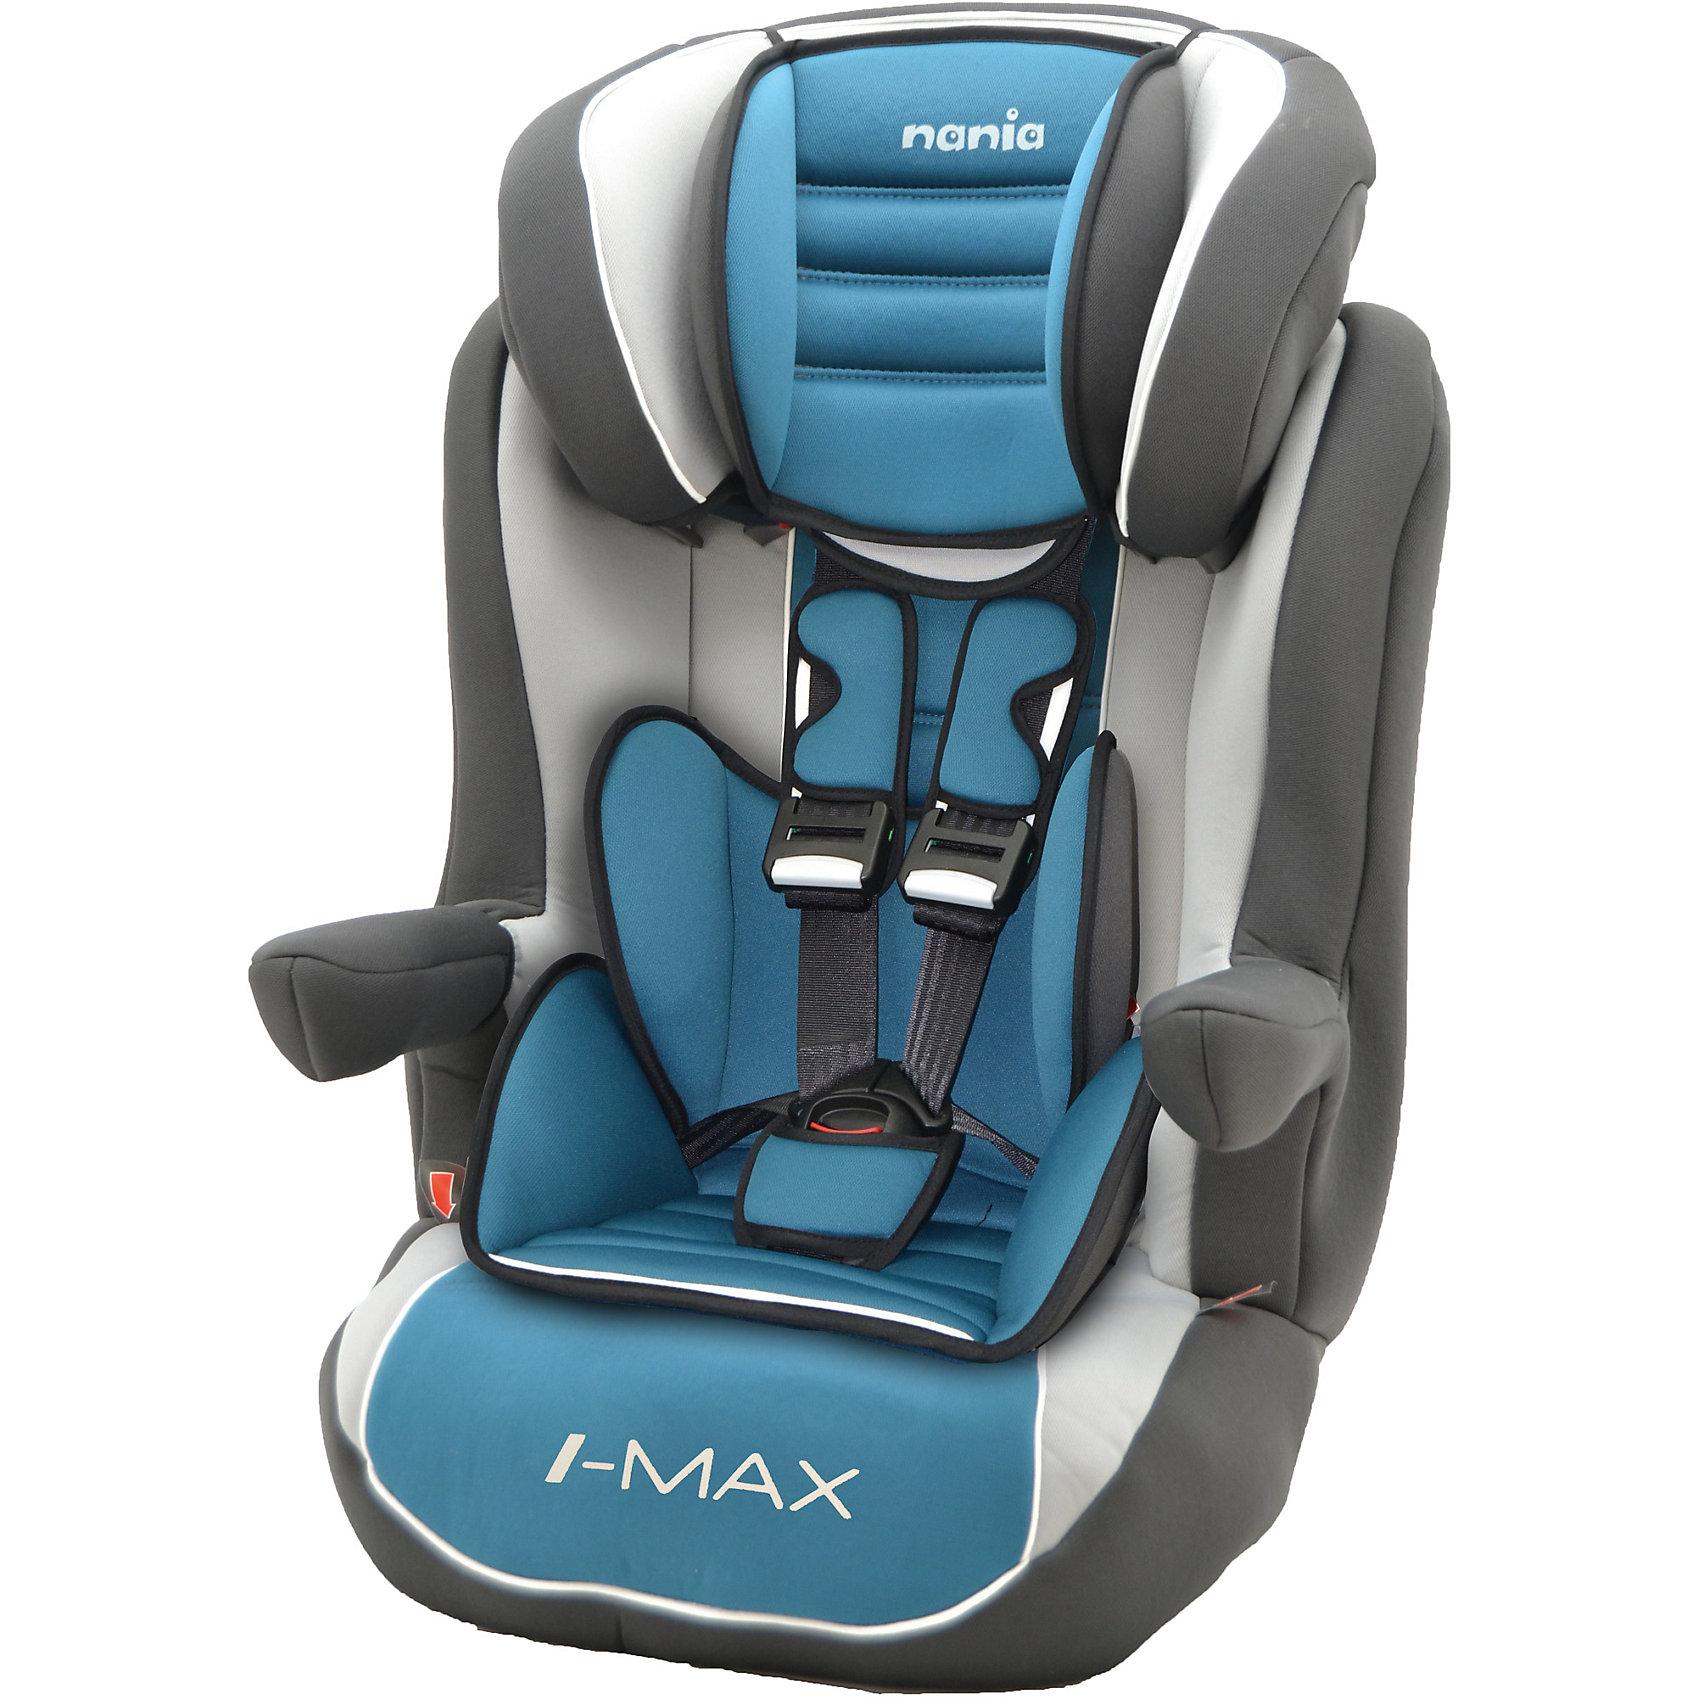 Автокресло Nania Imax SP LX ISOFIX , 9-36кг, agora petroleГруппа 1-2-3 (От 9 до 36 кг)<br>Характеристики:<br><br>• группа: 1/2/3;<br>• вес ребенка: 9-36 кг;<br>• возраст ребенка: от 8 месяцев до 12 лет;<br>• способ установки: по ходу движения автомобиля;<br>• способ крепления: система Isofix;<br>• вкладыш для маленького ребенка, имеется встроенный мягкий подголовник;<br>• вкладыш съемный, для подросшего ребенка остается бустер со спинкой;<br>• кресло оснащено подлокотниками с мягкой обивкой;<br>• положение подлокотников можно регулировать;<br>• высота подголовника регулируется в 5-ти положениях;<br>• чехлы автокресла съемные, стираются при температуре 30 градусов;<br>• маленький ребенок фиксируется встроенными 5-ти точечными ремнями автокресла, подросший малыш – 3-х точечными ремнями безопасности автомобиля;<br>• усиленная боковая защита SP - Side Protection;<br>• материал: пластик, полиэстер;<br>• размеры автокресла: 454х45х88 см;<br>• вес автокресла: 4,7 кг;<br>• стандарт безопасности: ECE R44/04.<br><br>Автокресло Imax SP LX Isofix, 9-36кг, Nania, agora petrole можно купить в нашем интернет-магазине.<br><br>Ширина мм: 450<br>Глубина мм: 500<br>Высота мм: 710<br>Вес г: 4530<br>Возраст от месяцев: 8<br>Возраст до месяцев: 144<br>Пол: Унисекс<br>Возраст: Детский<br>SKU: 5569342